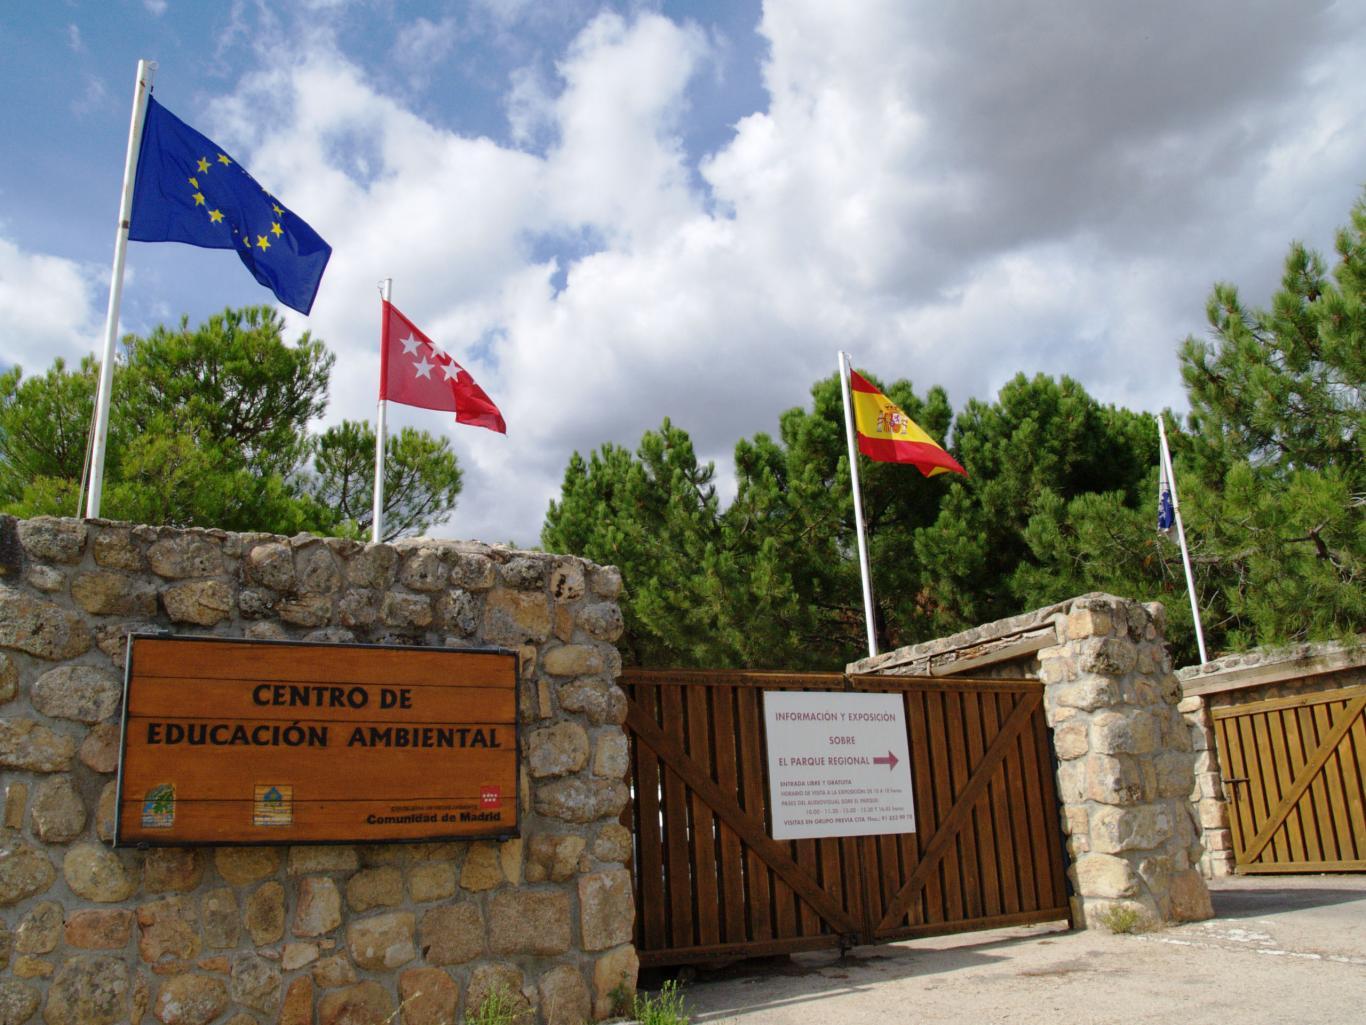 Centro de educación ambiental Manzanares